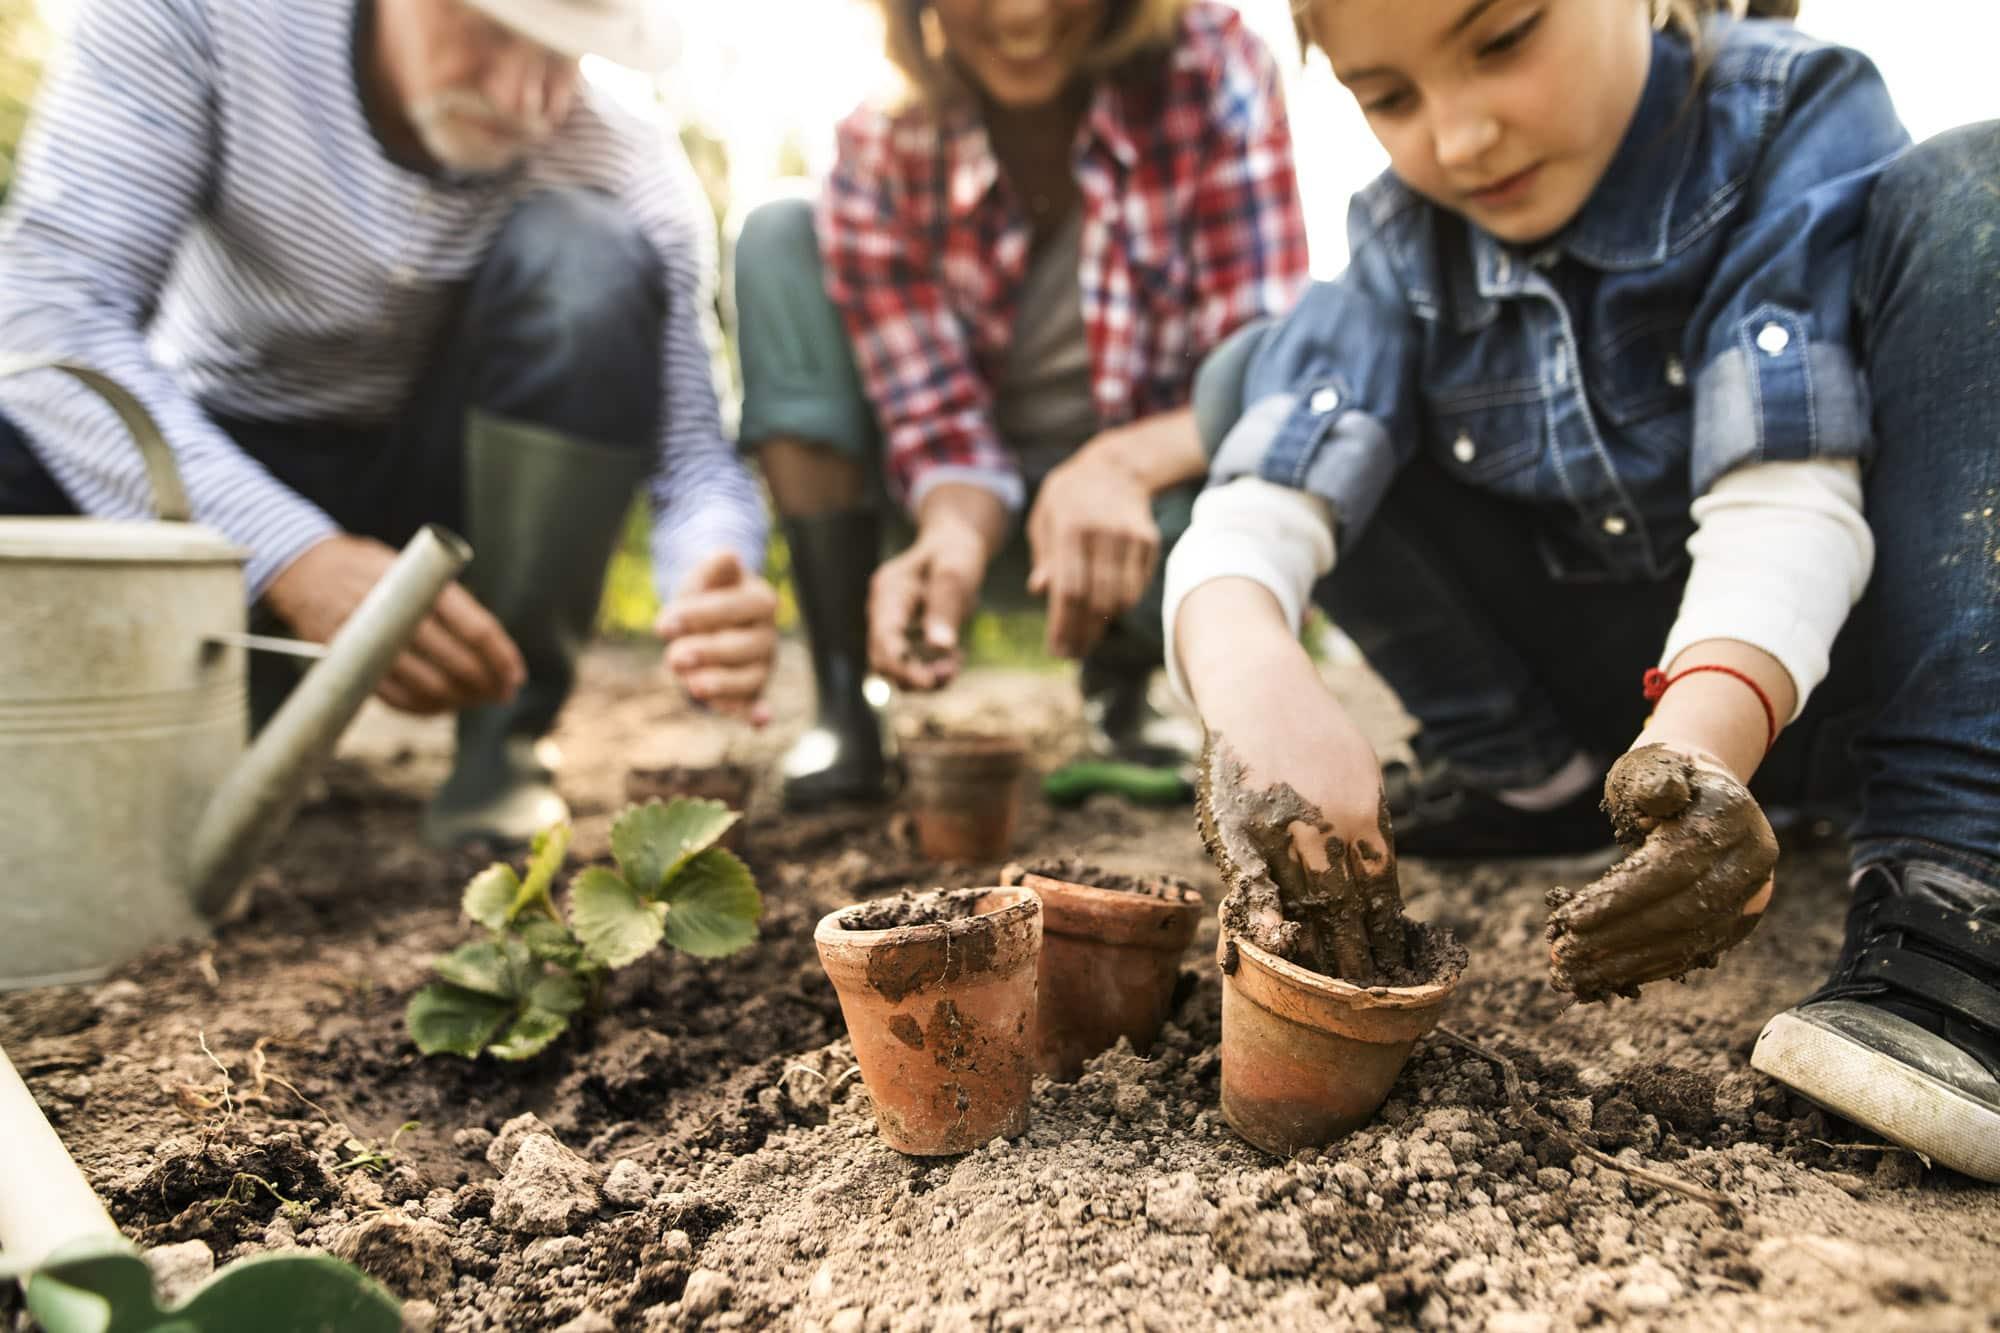 Ein Kind ist mit seinen Eltern im Garten und pflanzt etwas ein.